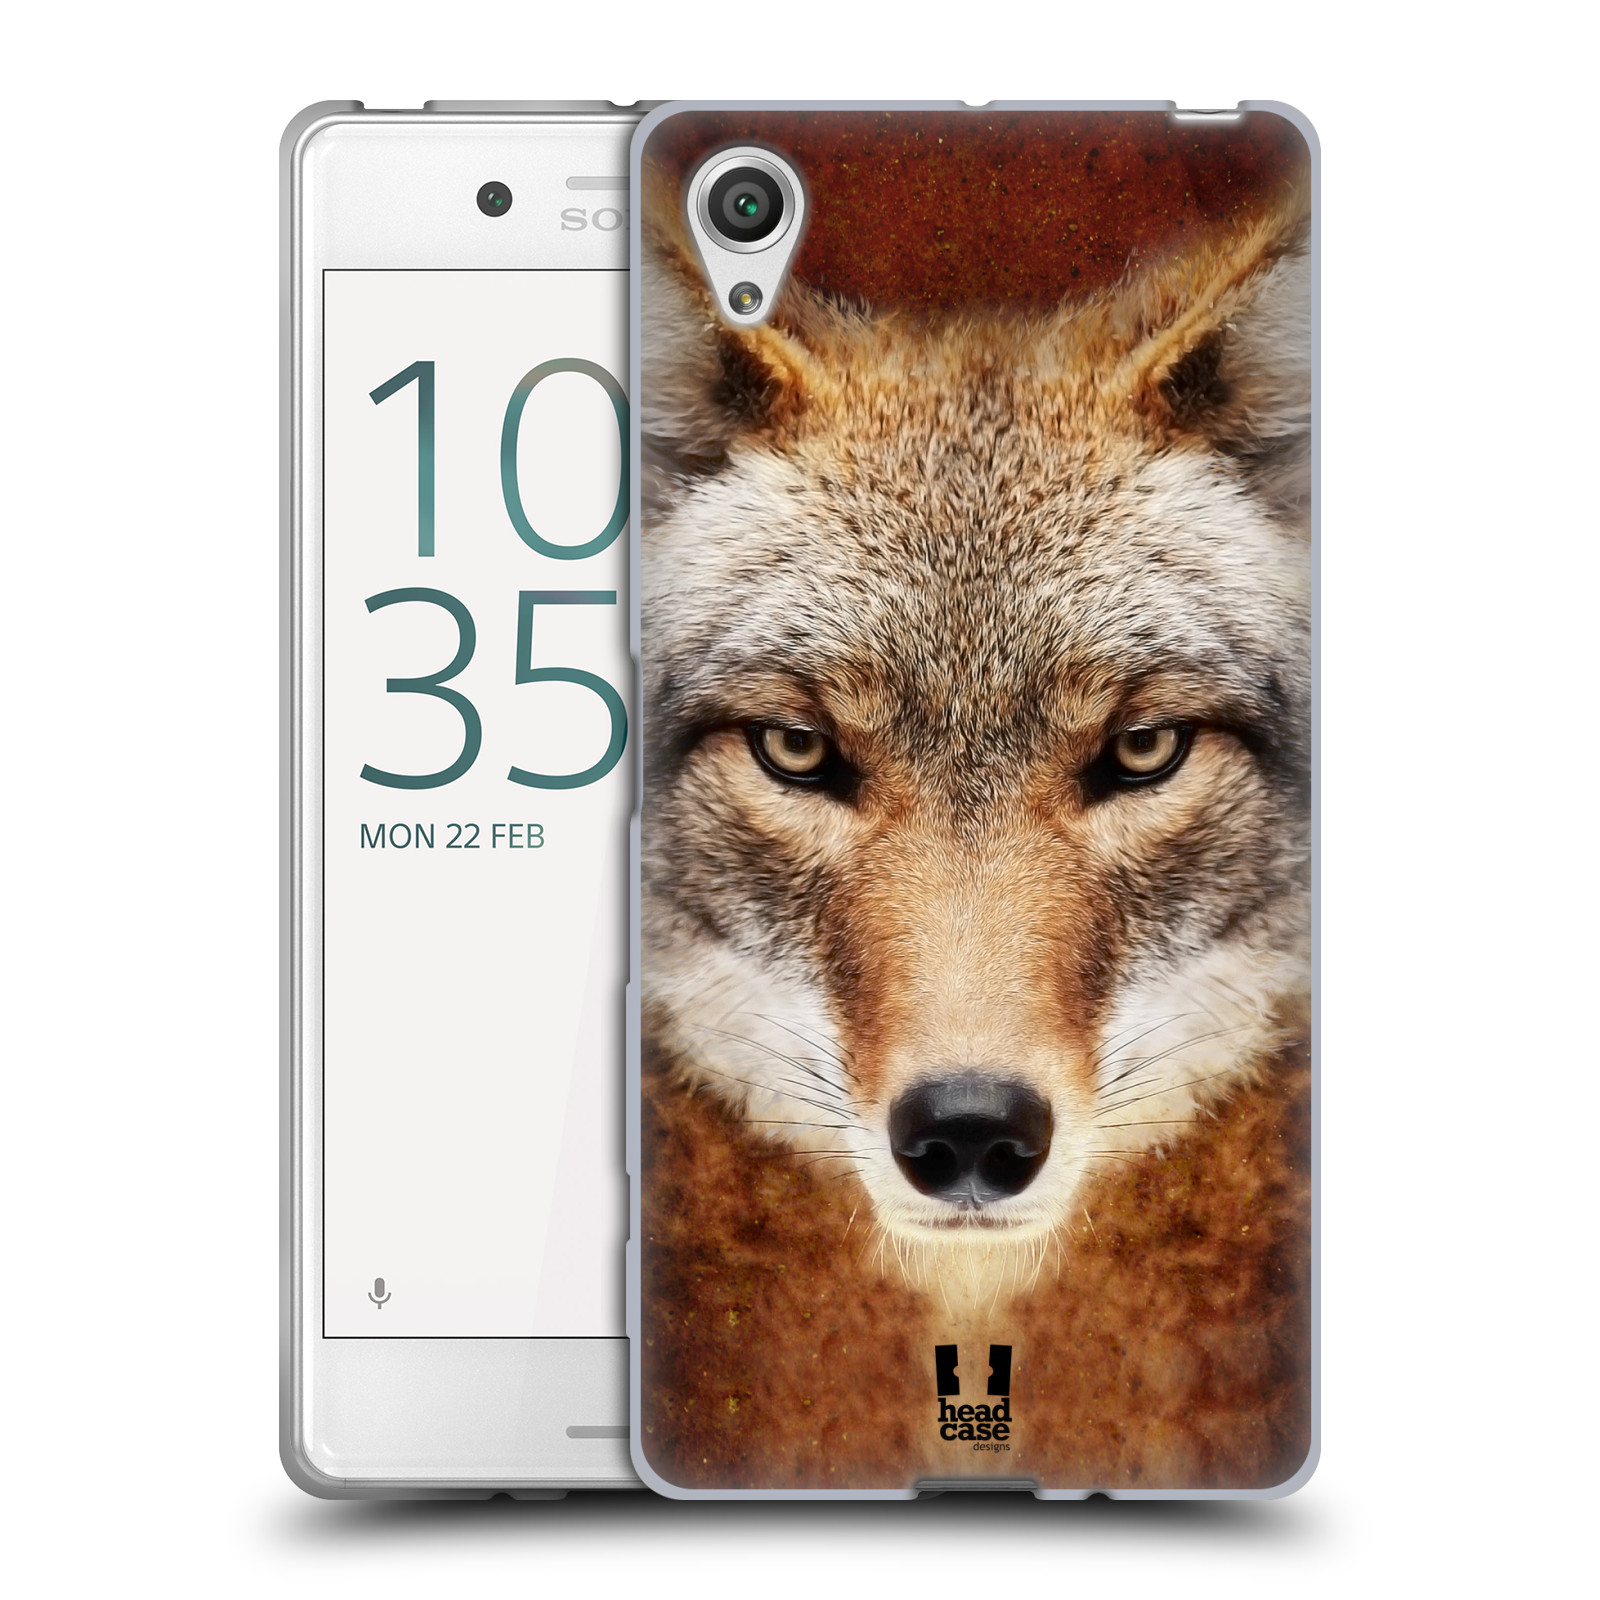 HEAD CASE silikonový obal na mobil Sony Xperia X / X DUAL vzor Zvířecí tváře kojot